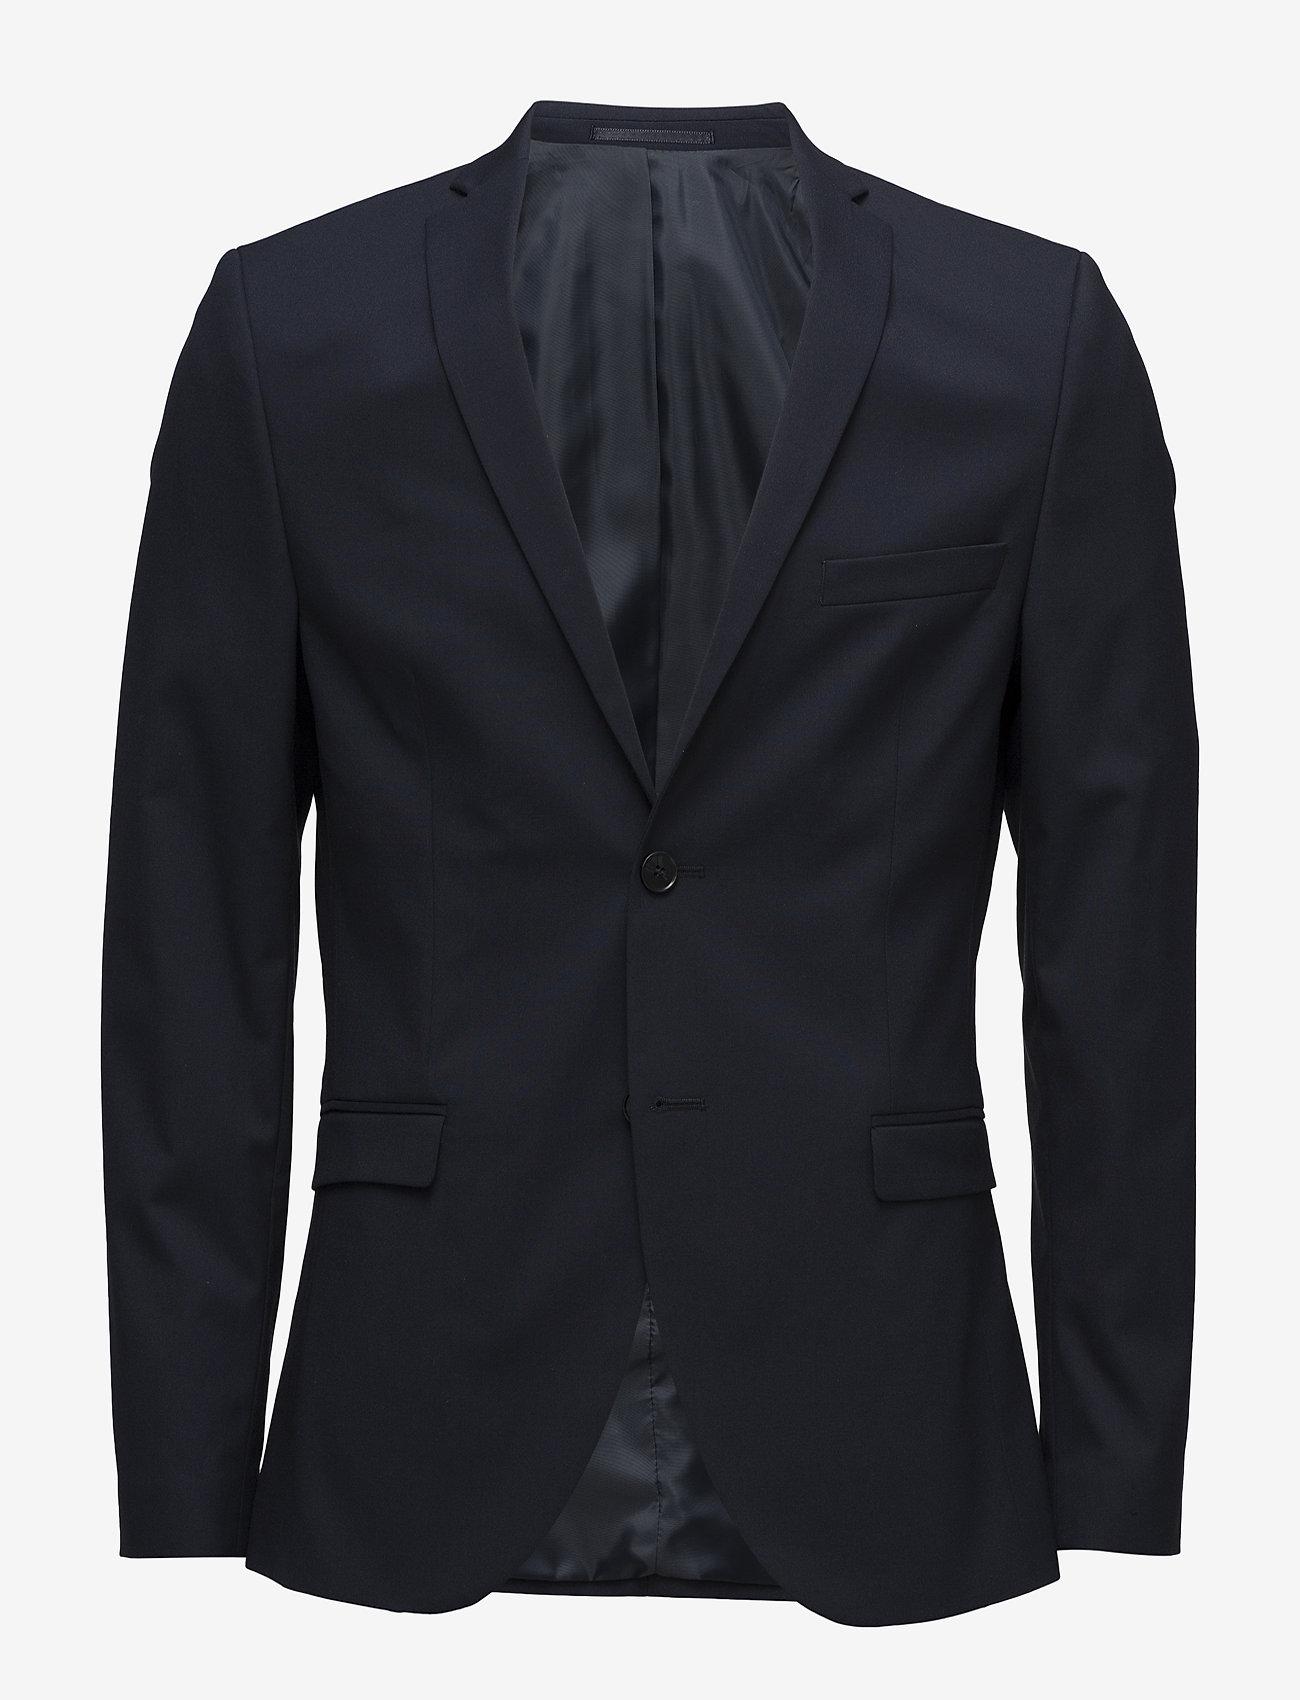 Selected Homme - SLHSLIM-MYLOLOGAN NAVY BLAZER B NOOS - enkelknäppta kostymer - navy blazer - 0